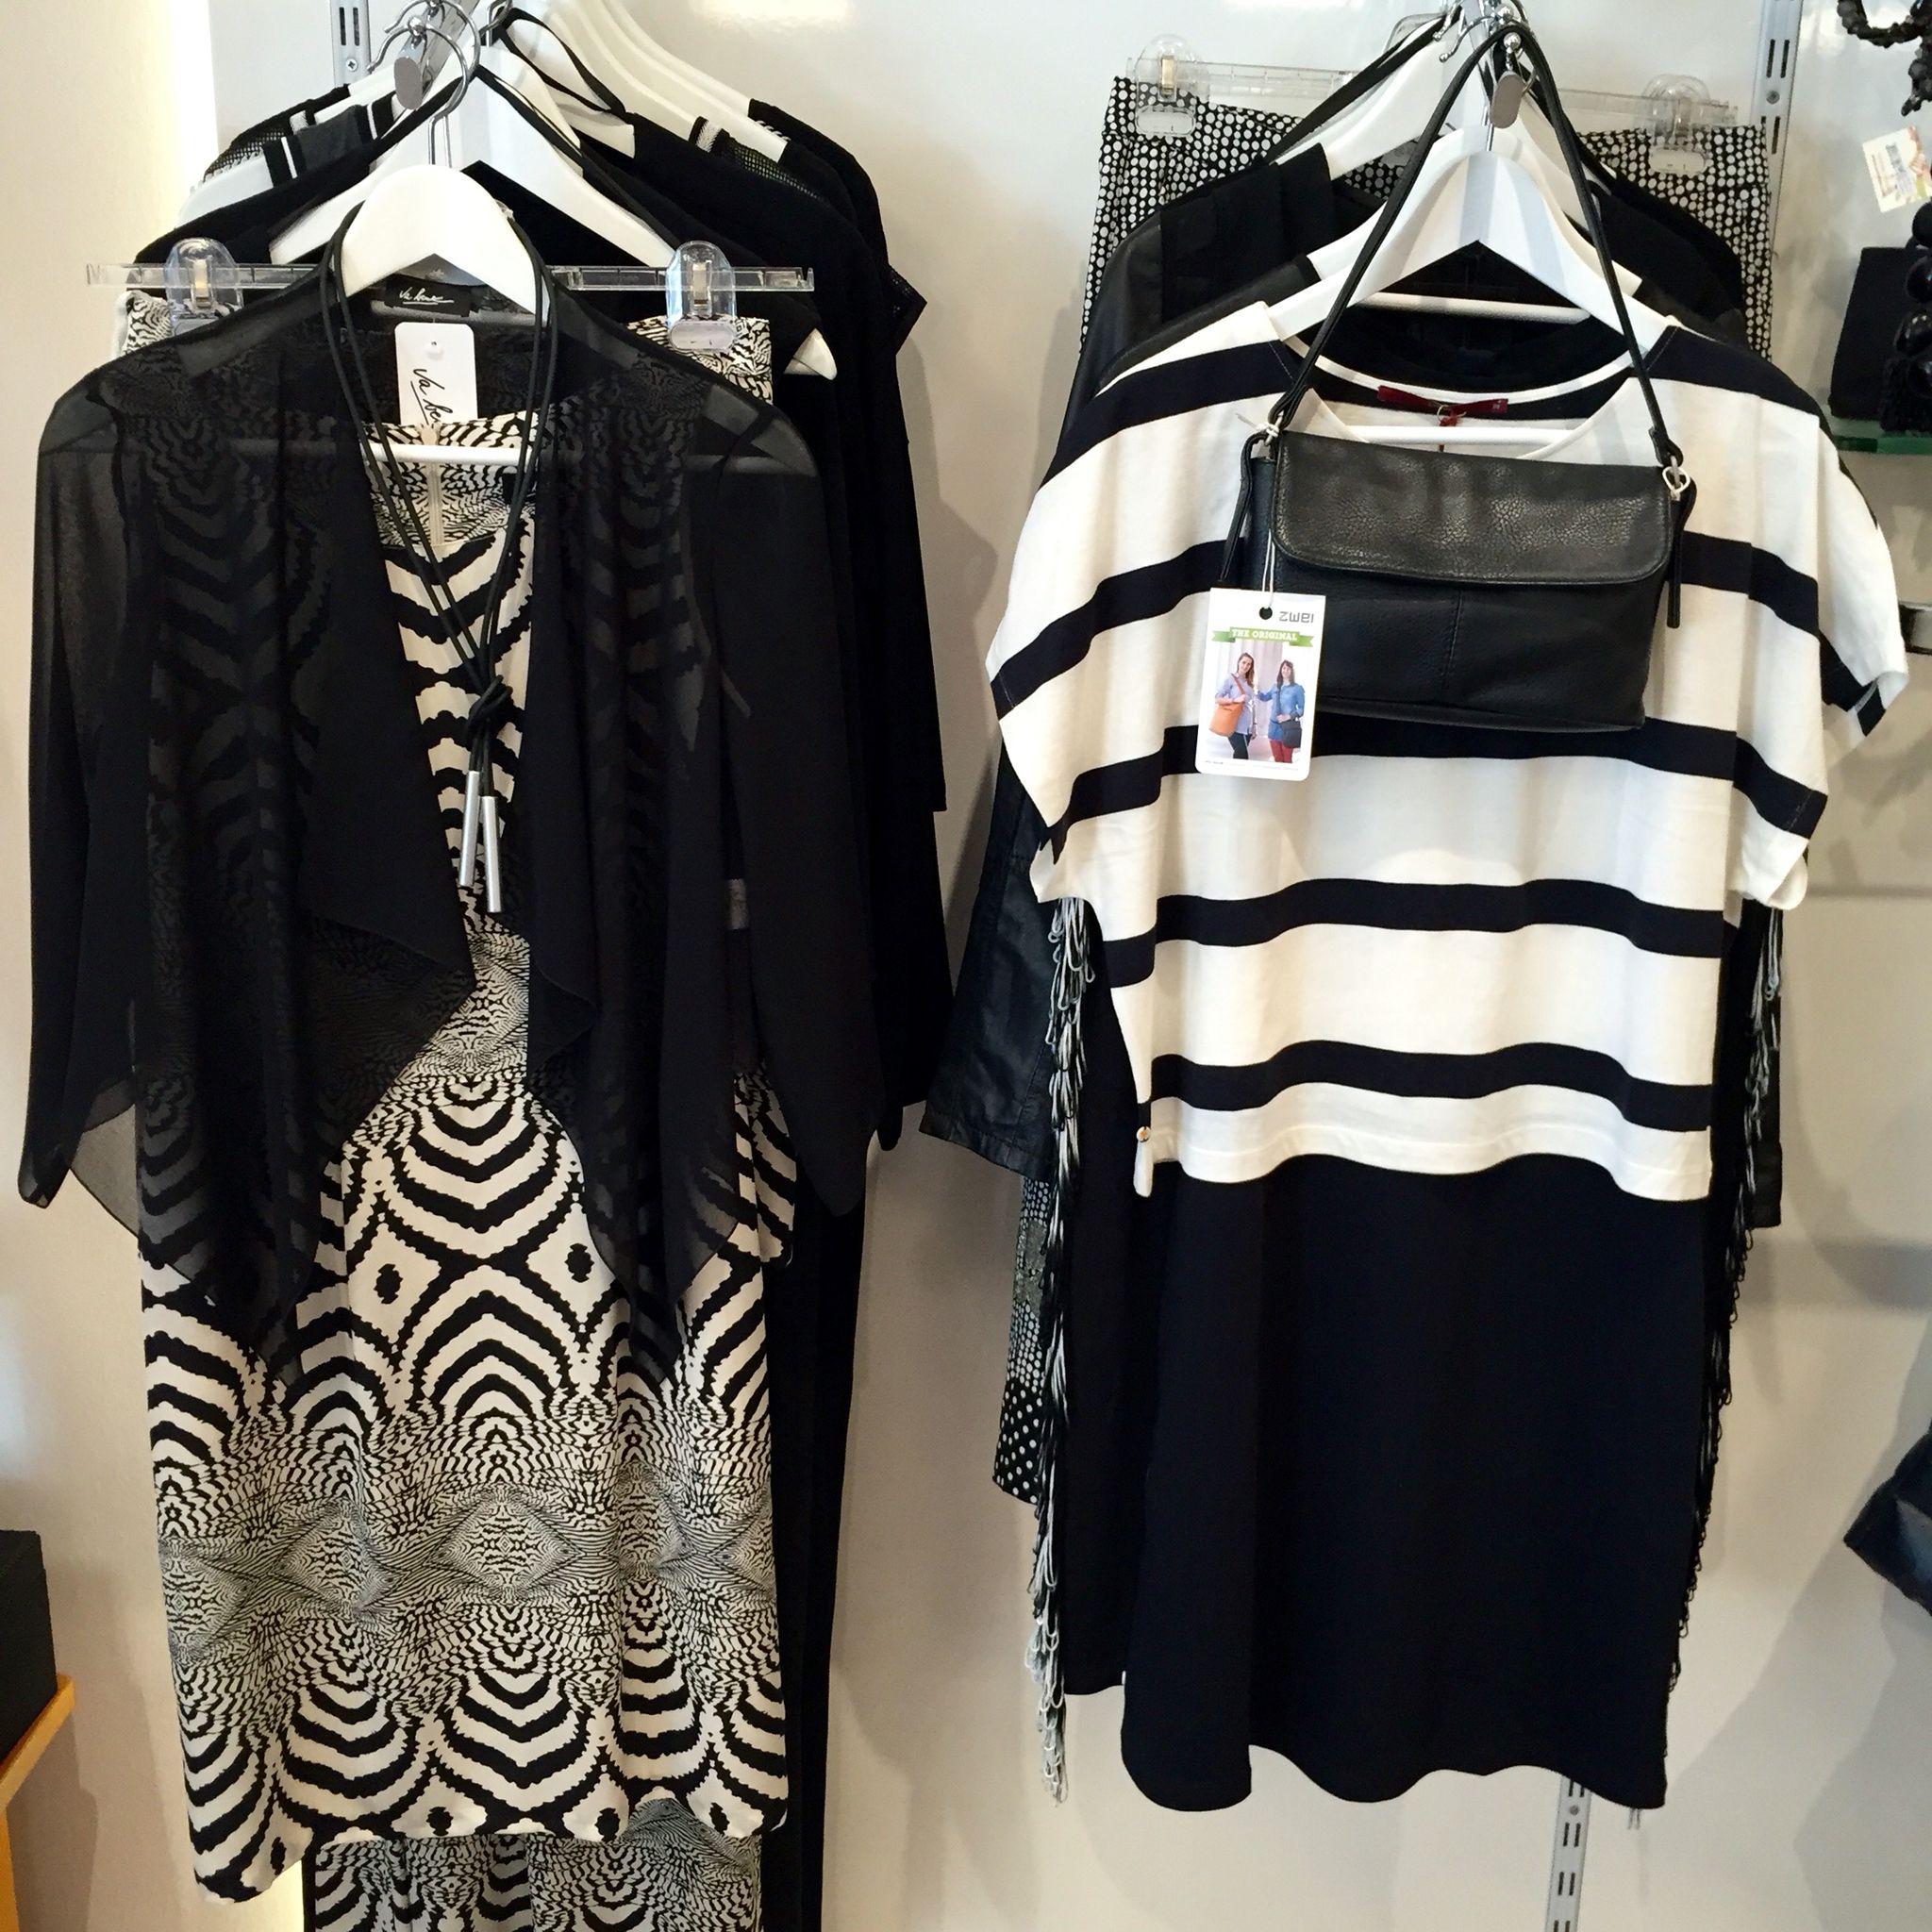 schwarz -weiß ist trend. mode von vabene und lanius köln